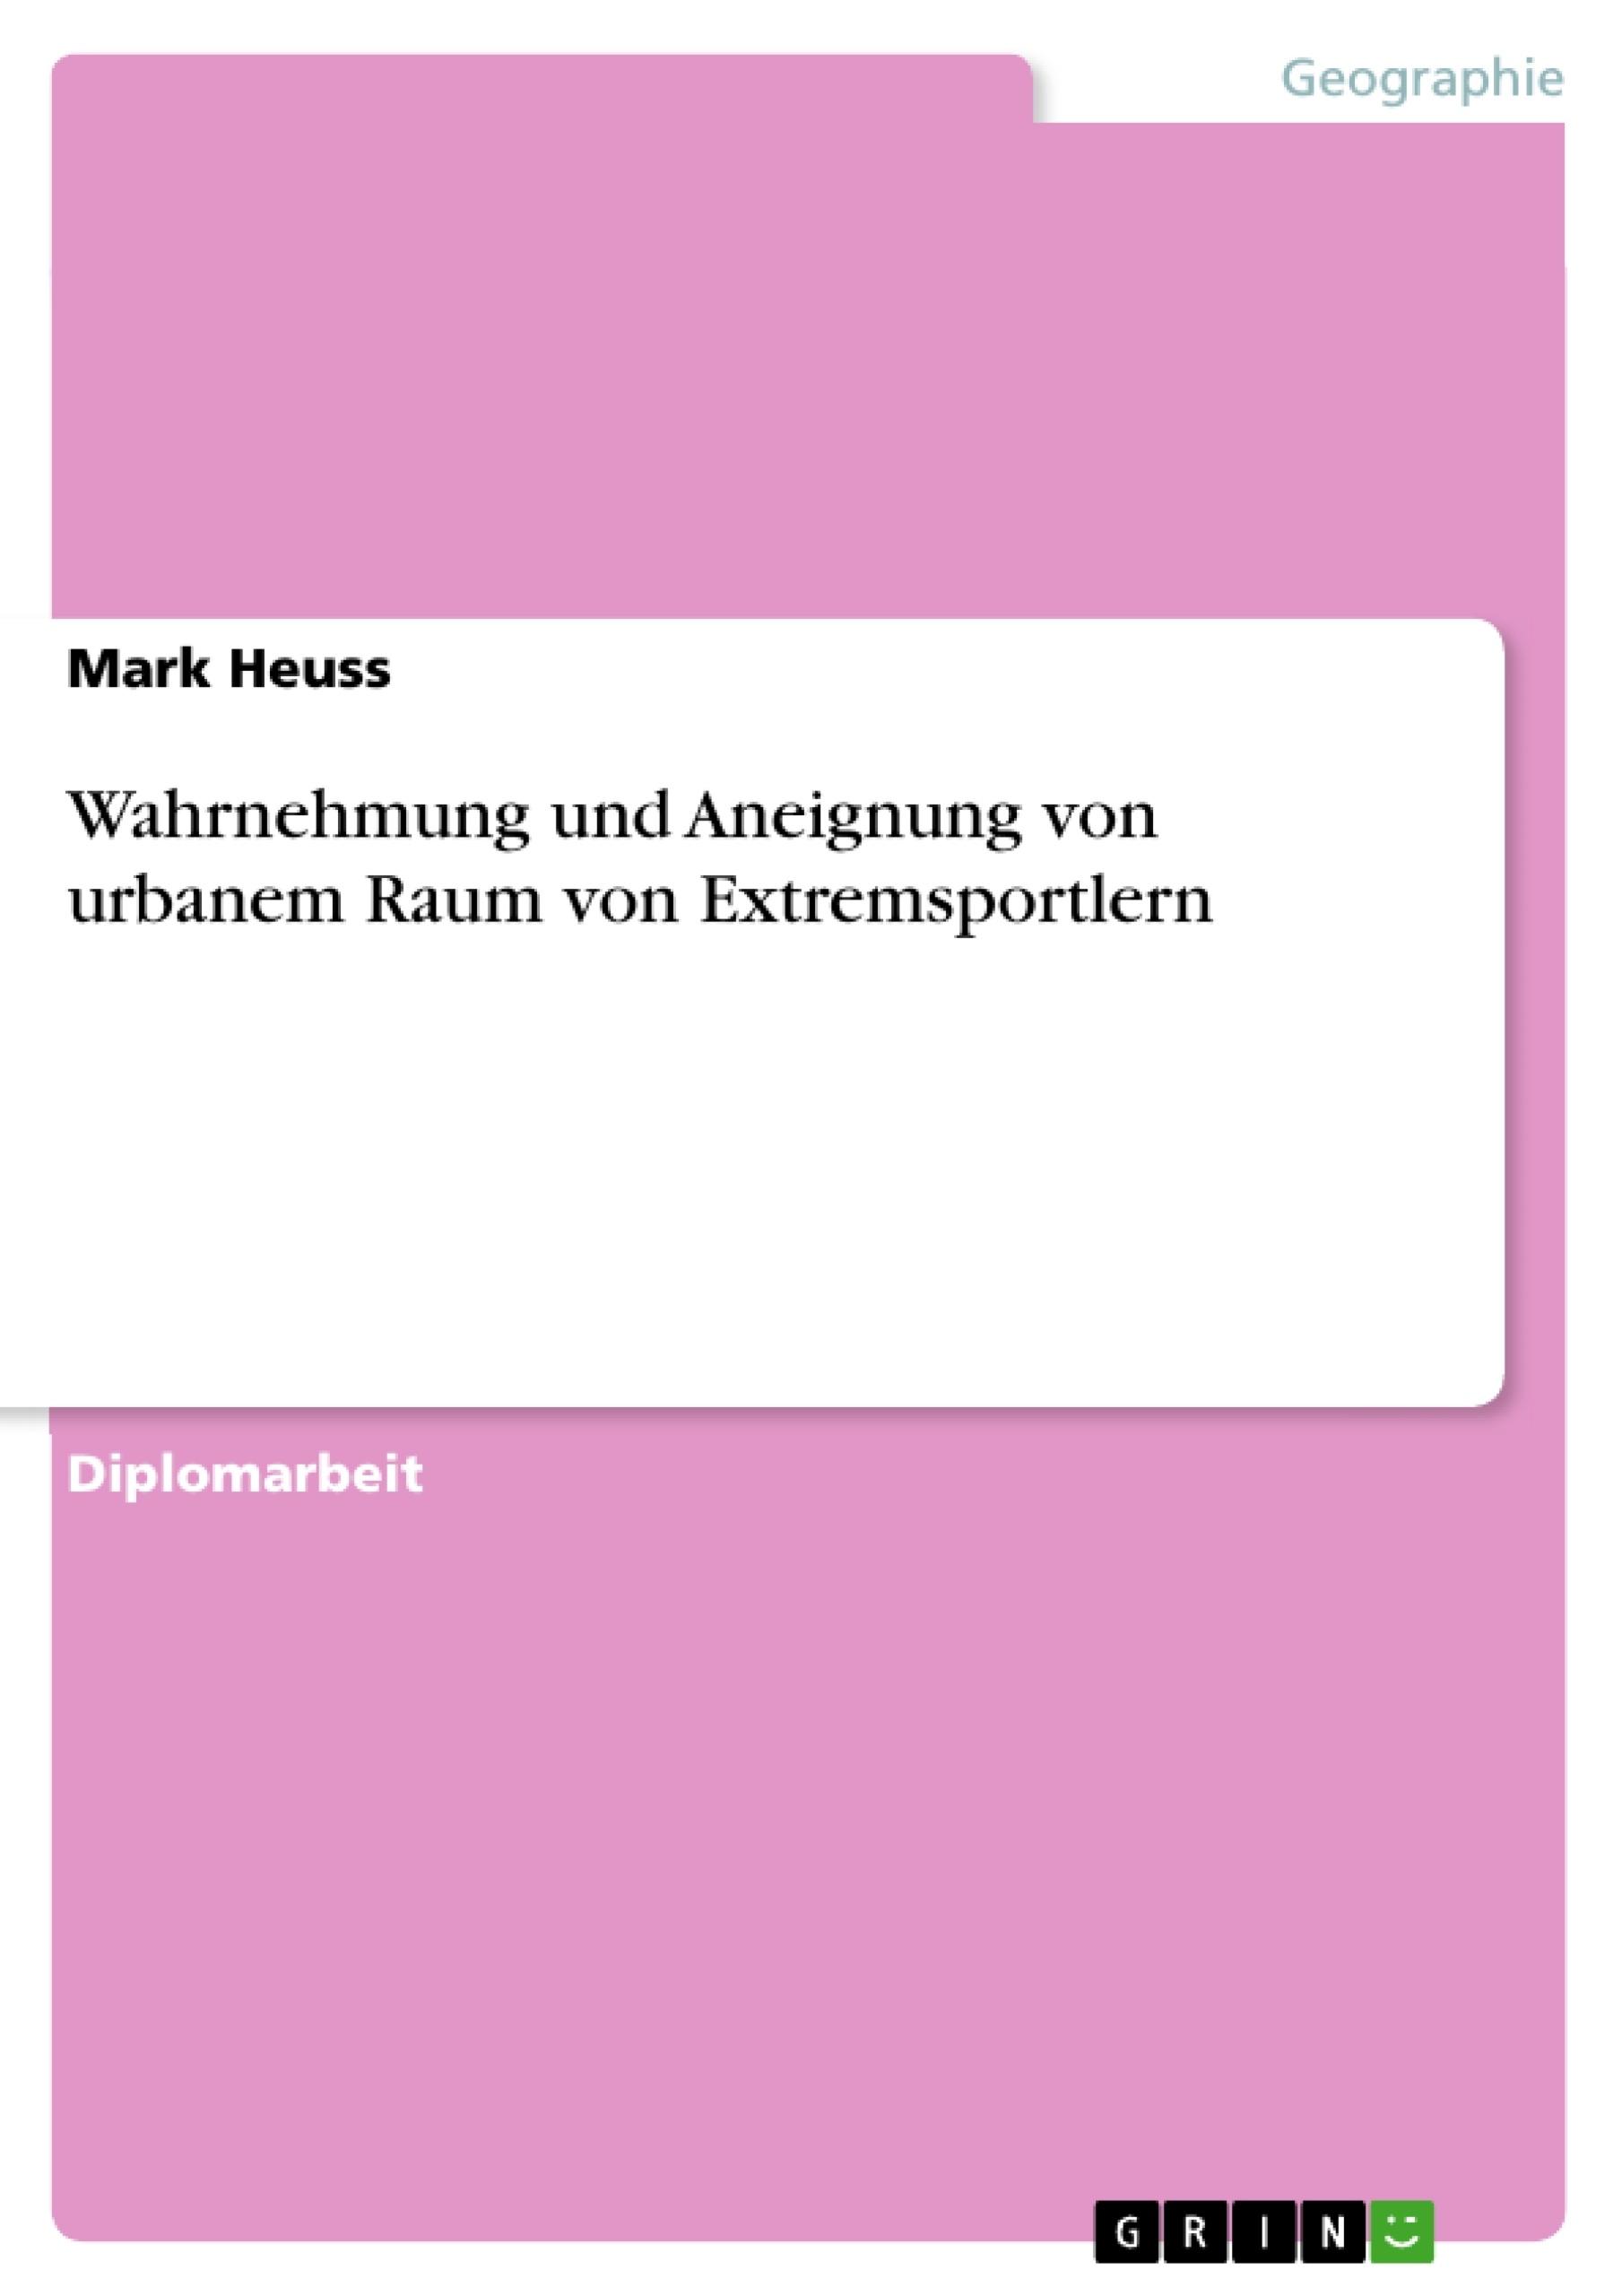 Titel: Wahrnehmung und Aneignung von urbanem Raum von Extremsportlern